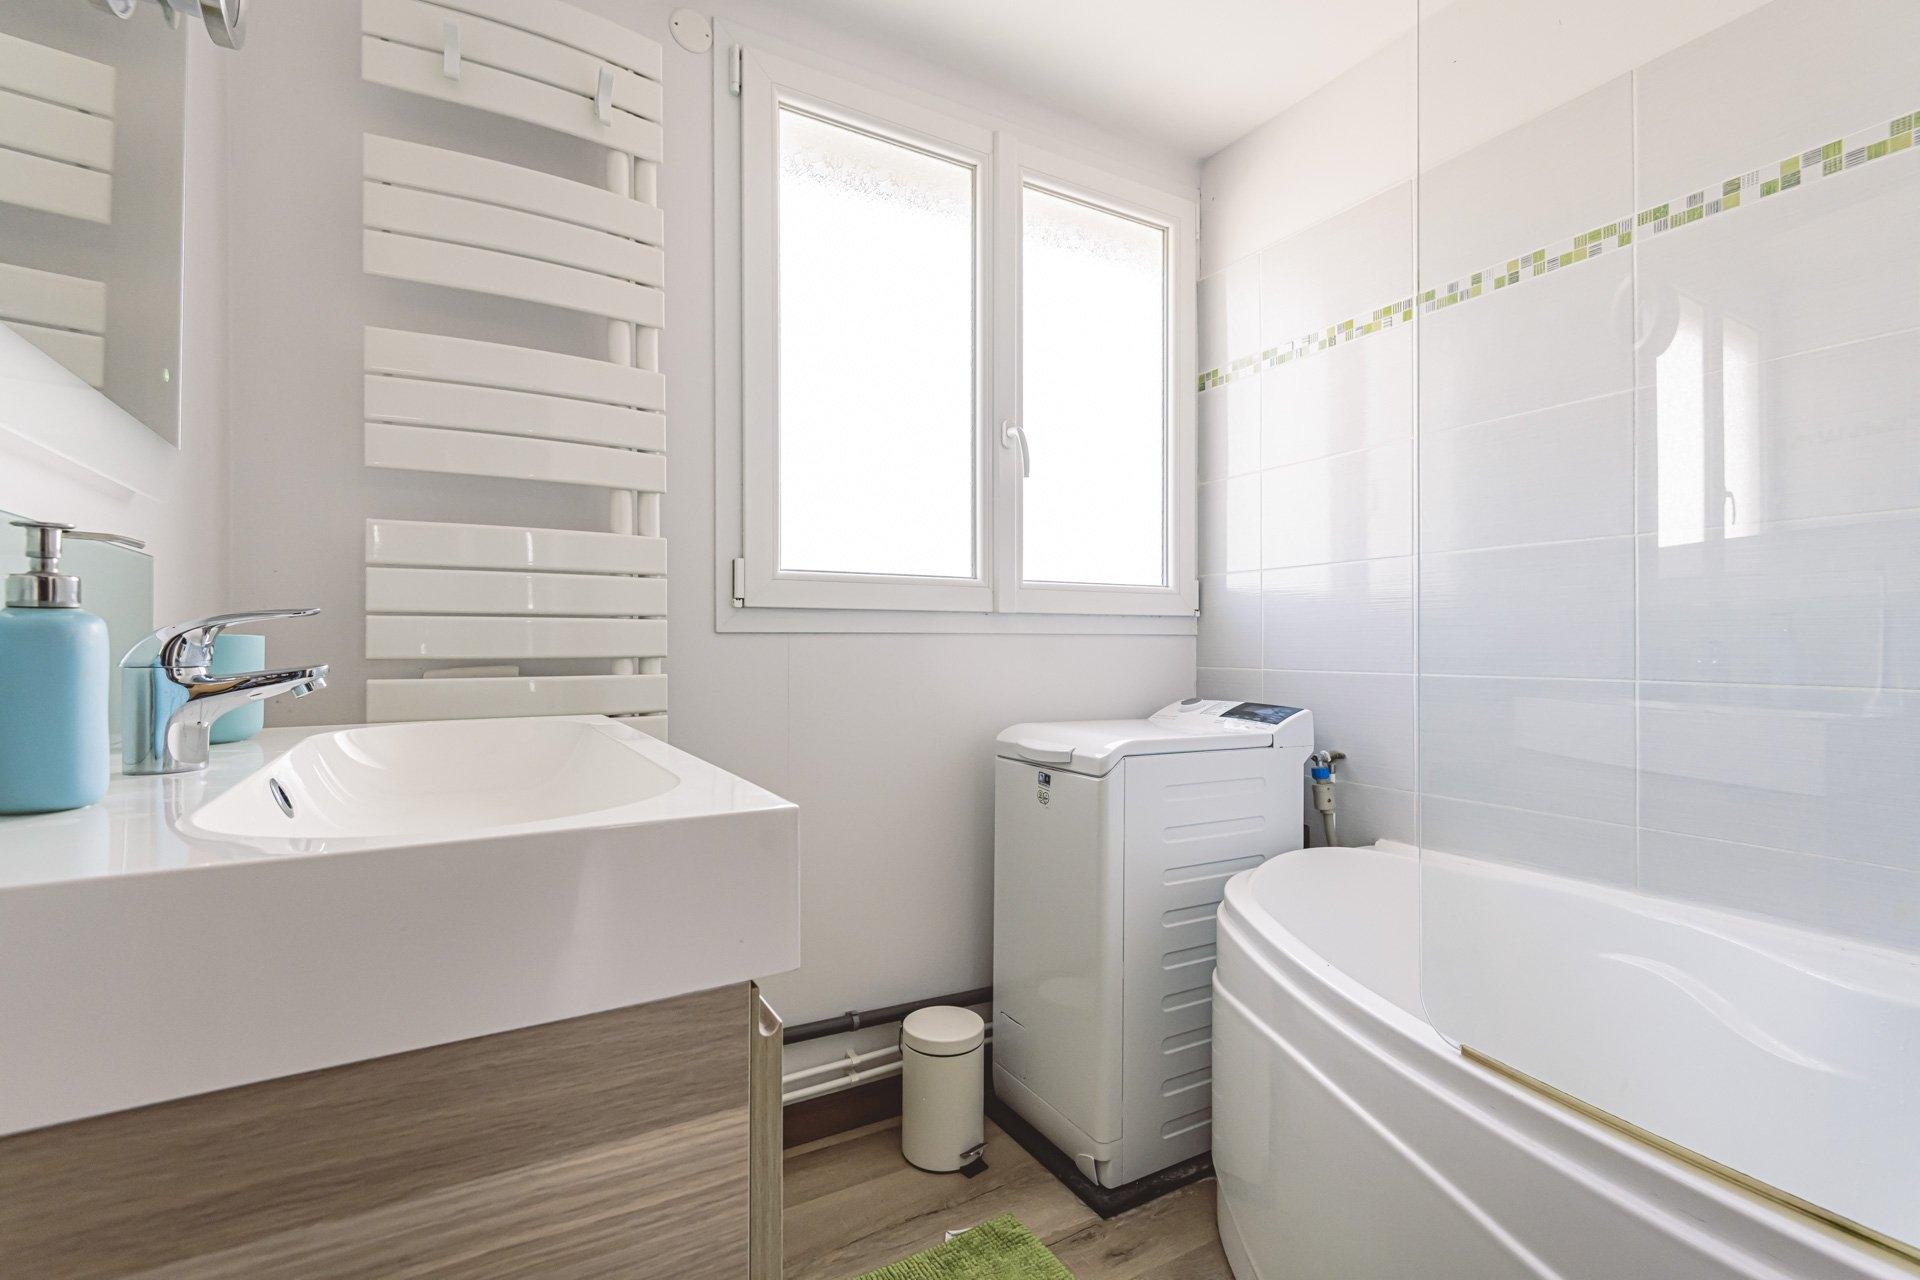 Appartement Tinqueux 4 Pièces 61.88 m2 - Balcon - 6